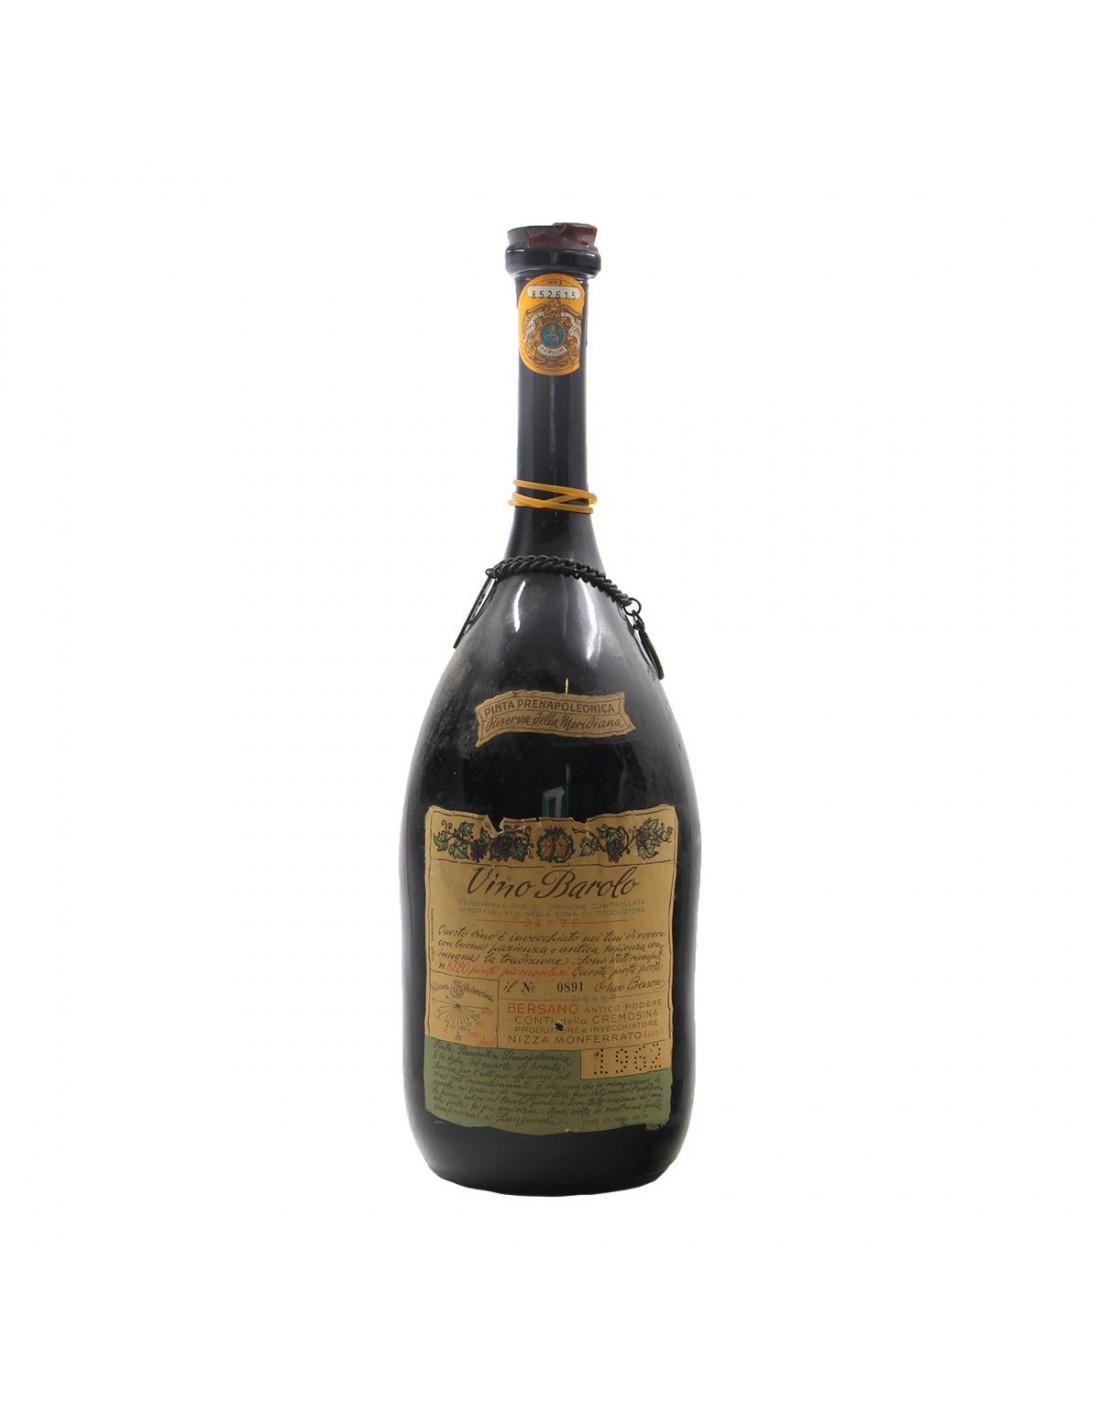 BAROLO RISERVA DELLA MERIDIANA 1.5 L 1962 BERSANO Grandi Bottiglie